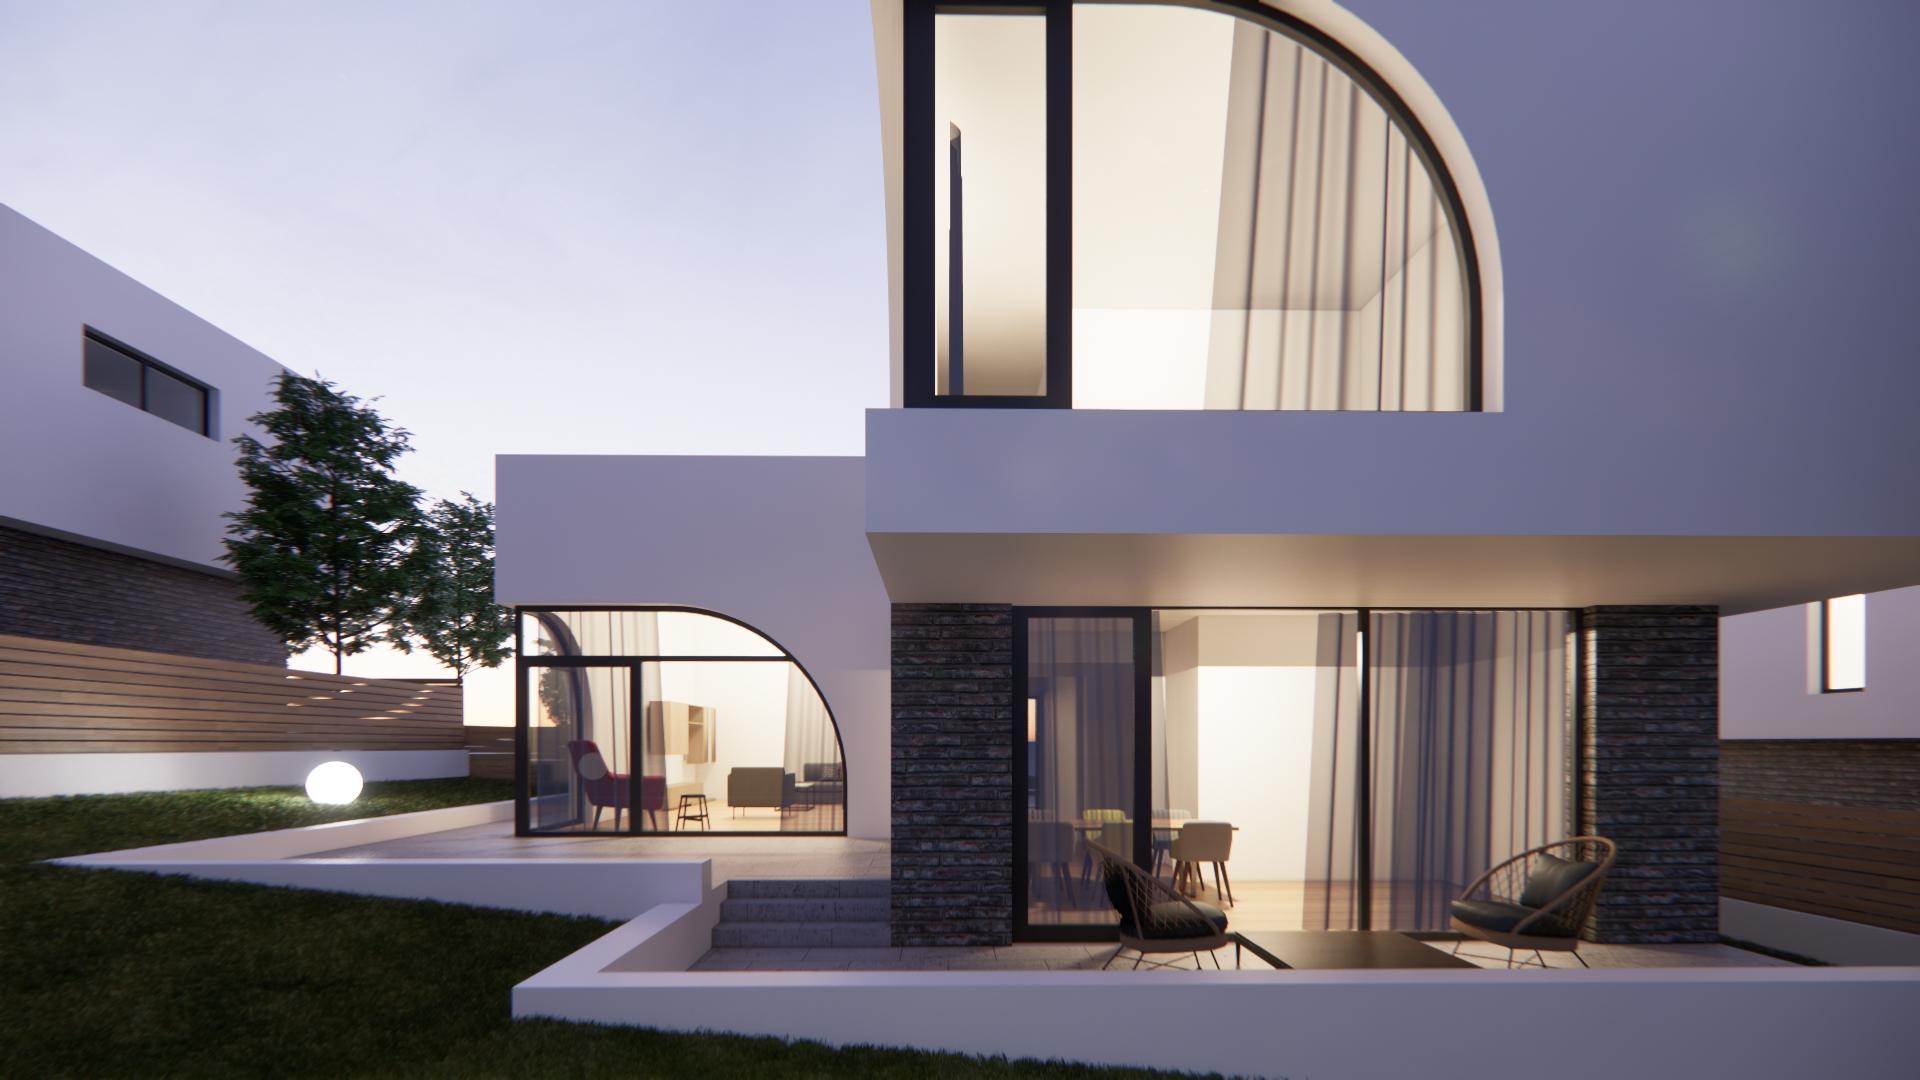 https://nbc-arhitect.ro/wp-content/uploads/2020/10/NBC-Arhitect-_-Laguna-_-Housing-_-exterior-view_6.jpg